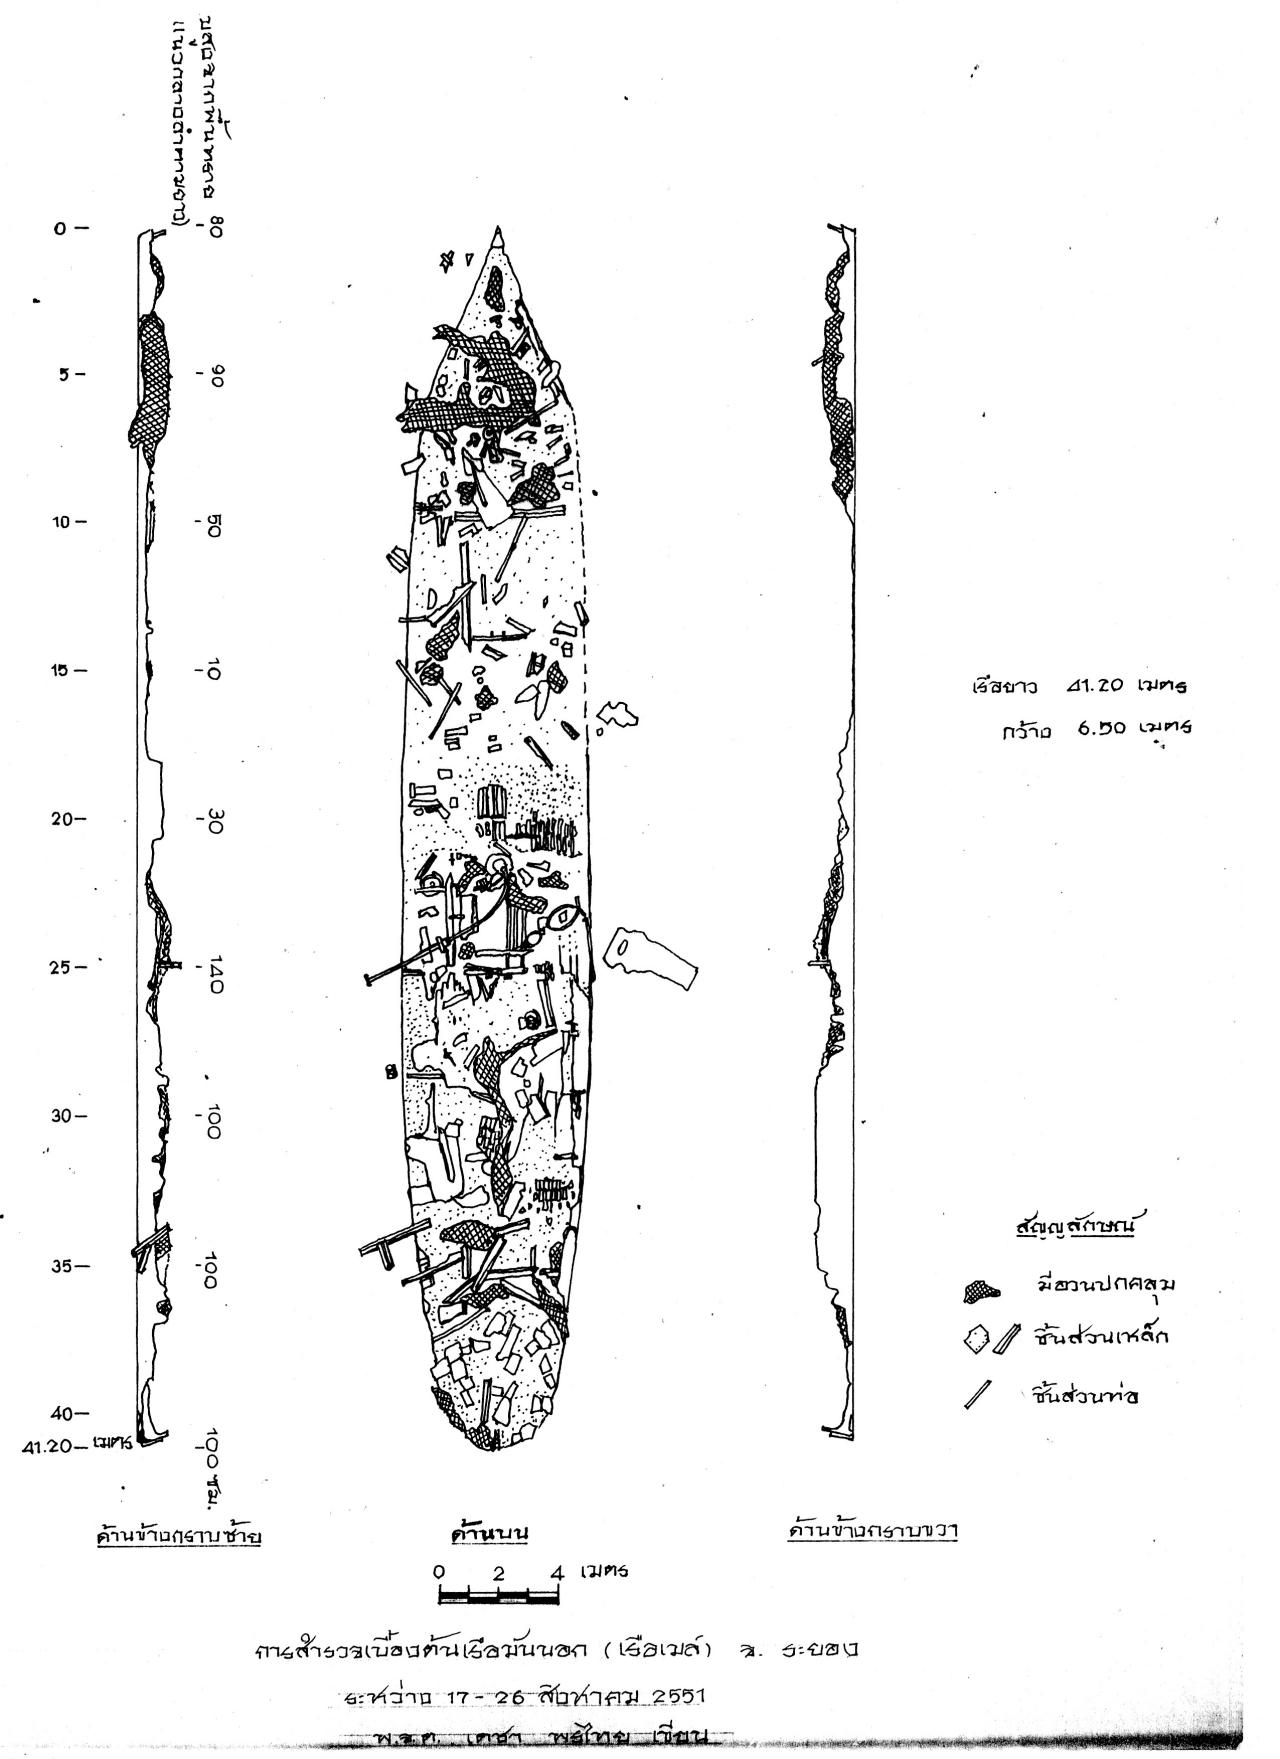 ภาพลายเส้น ผังเรือ จากกองโบราณคดีใต้น้ำ กรมศิลปากร กระทรวงวัฒนธรรม